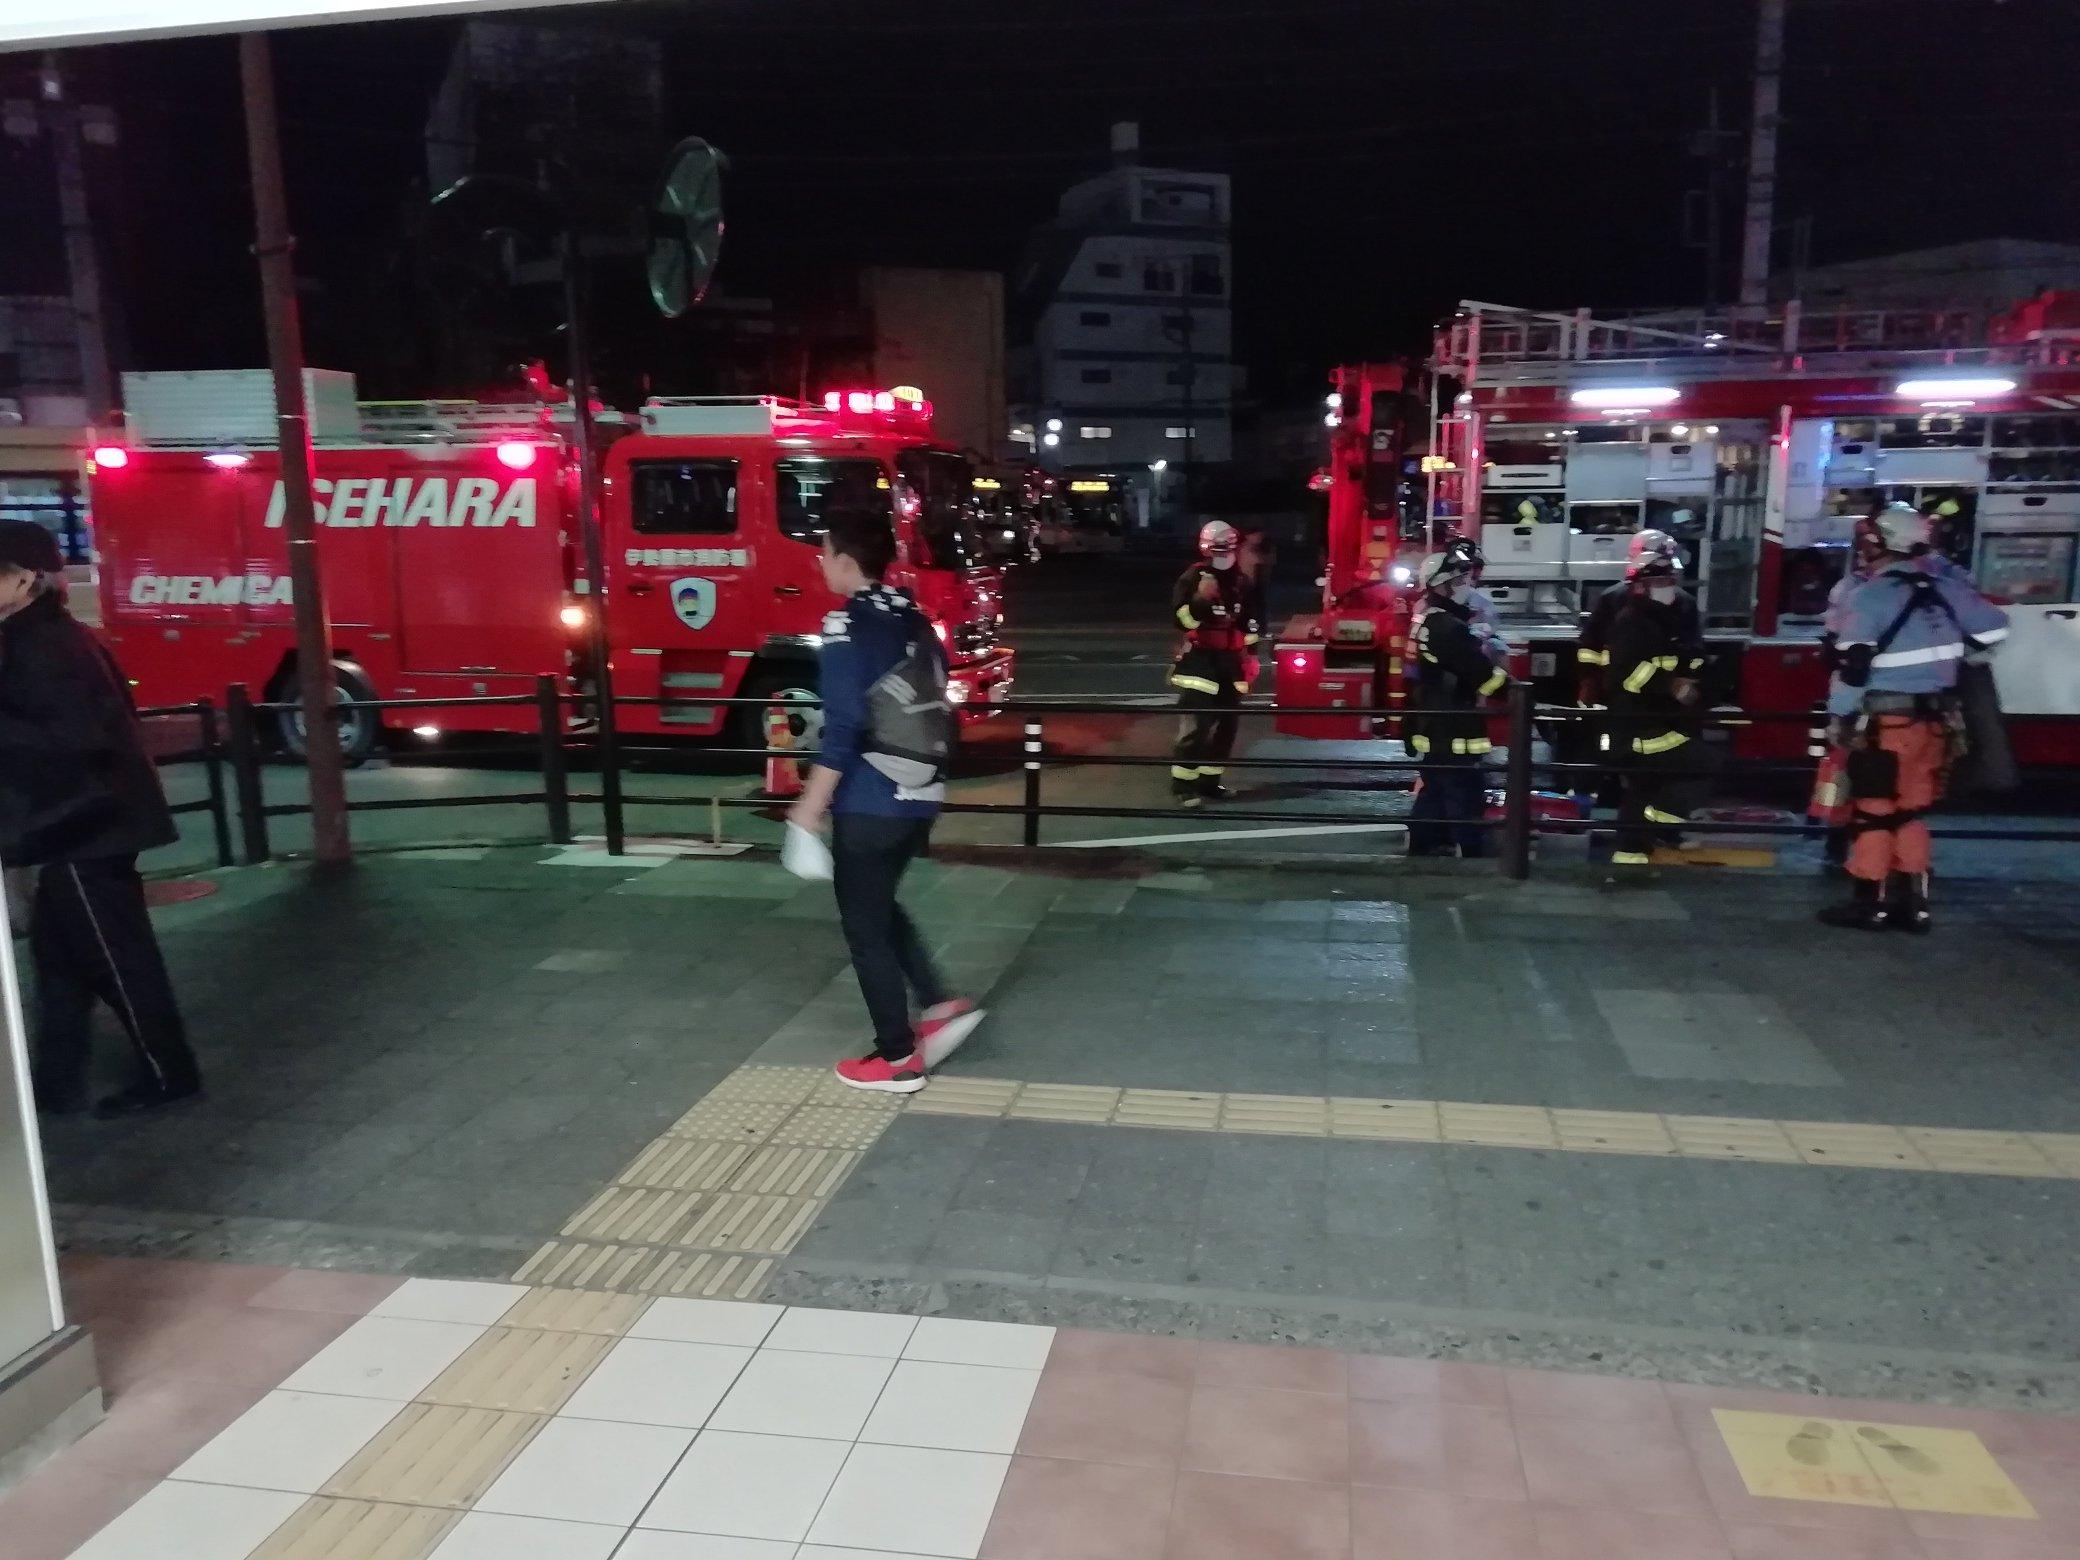 小田急小田原線の伊勢原駅で人身事故の現場画像